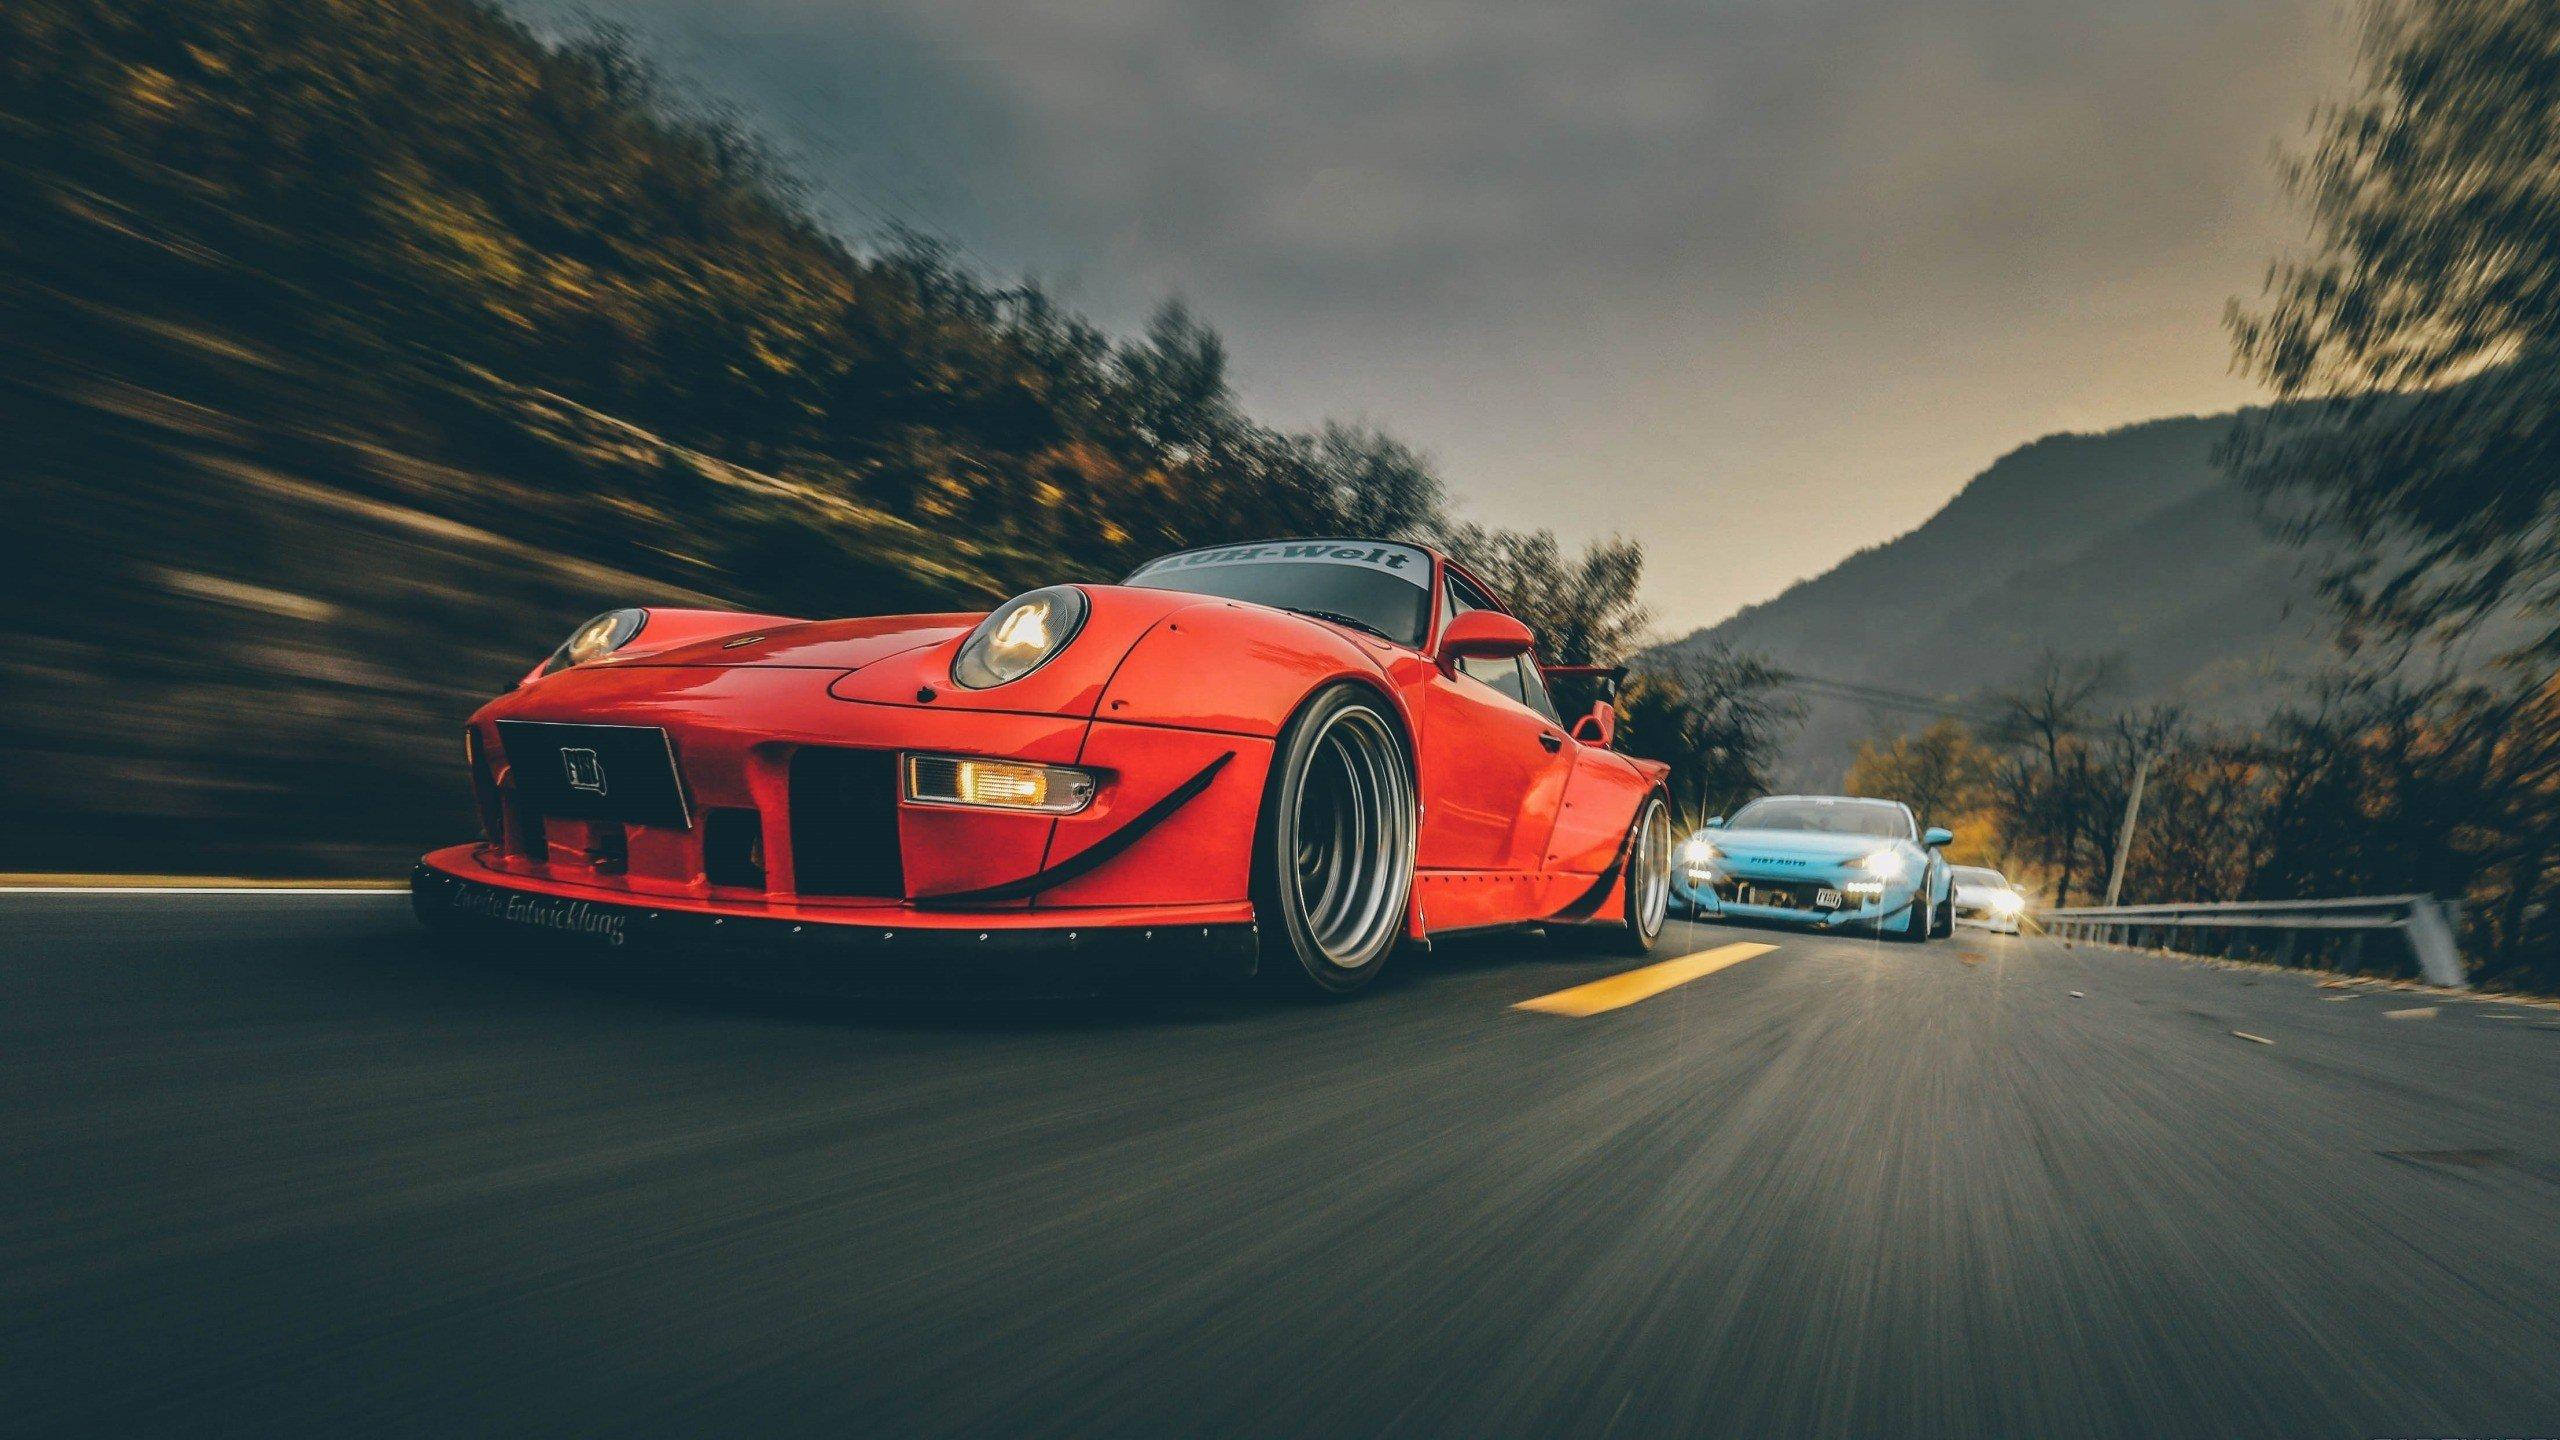 Wallpaper 2560x1440 Px Gulf Porsche 911 Carrera 4s Porsche